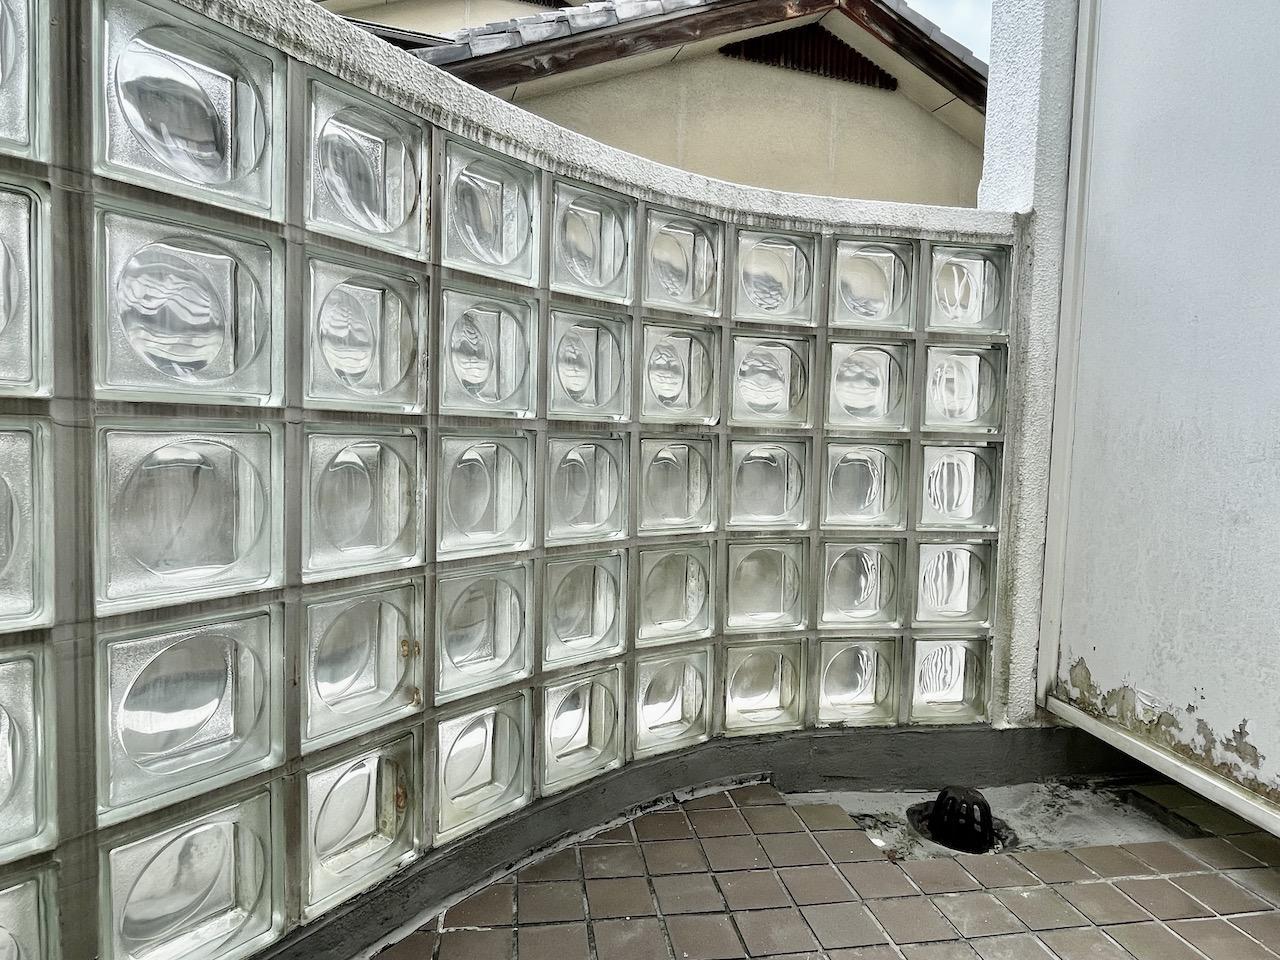 バルコニーにはガラスブロック。隣は家なので眺望はごめんなさい。